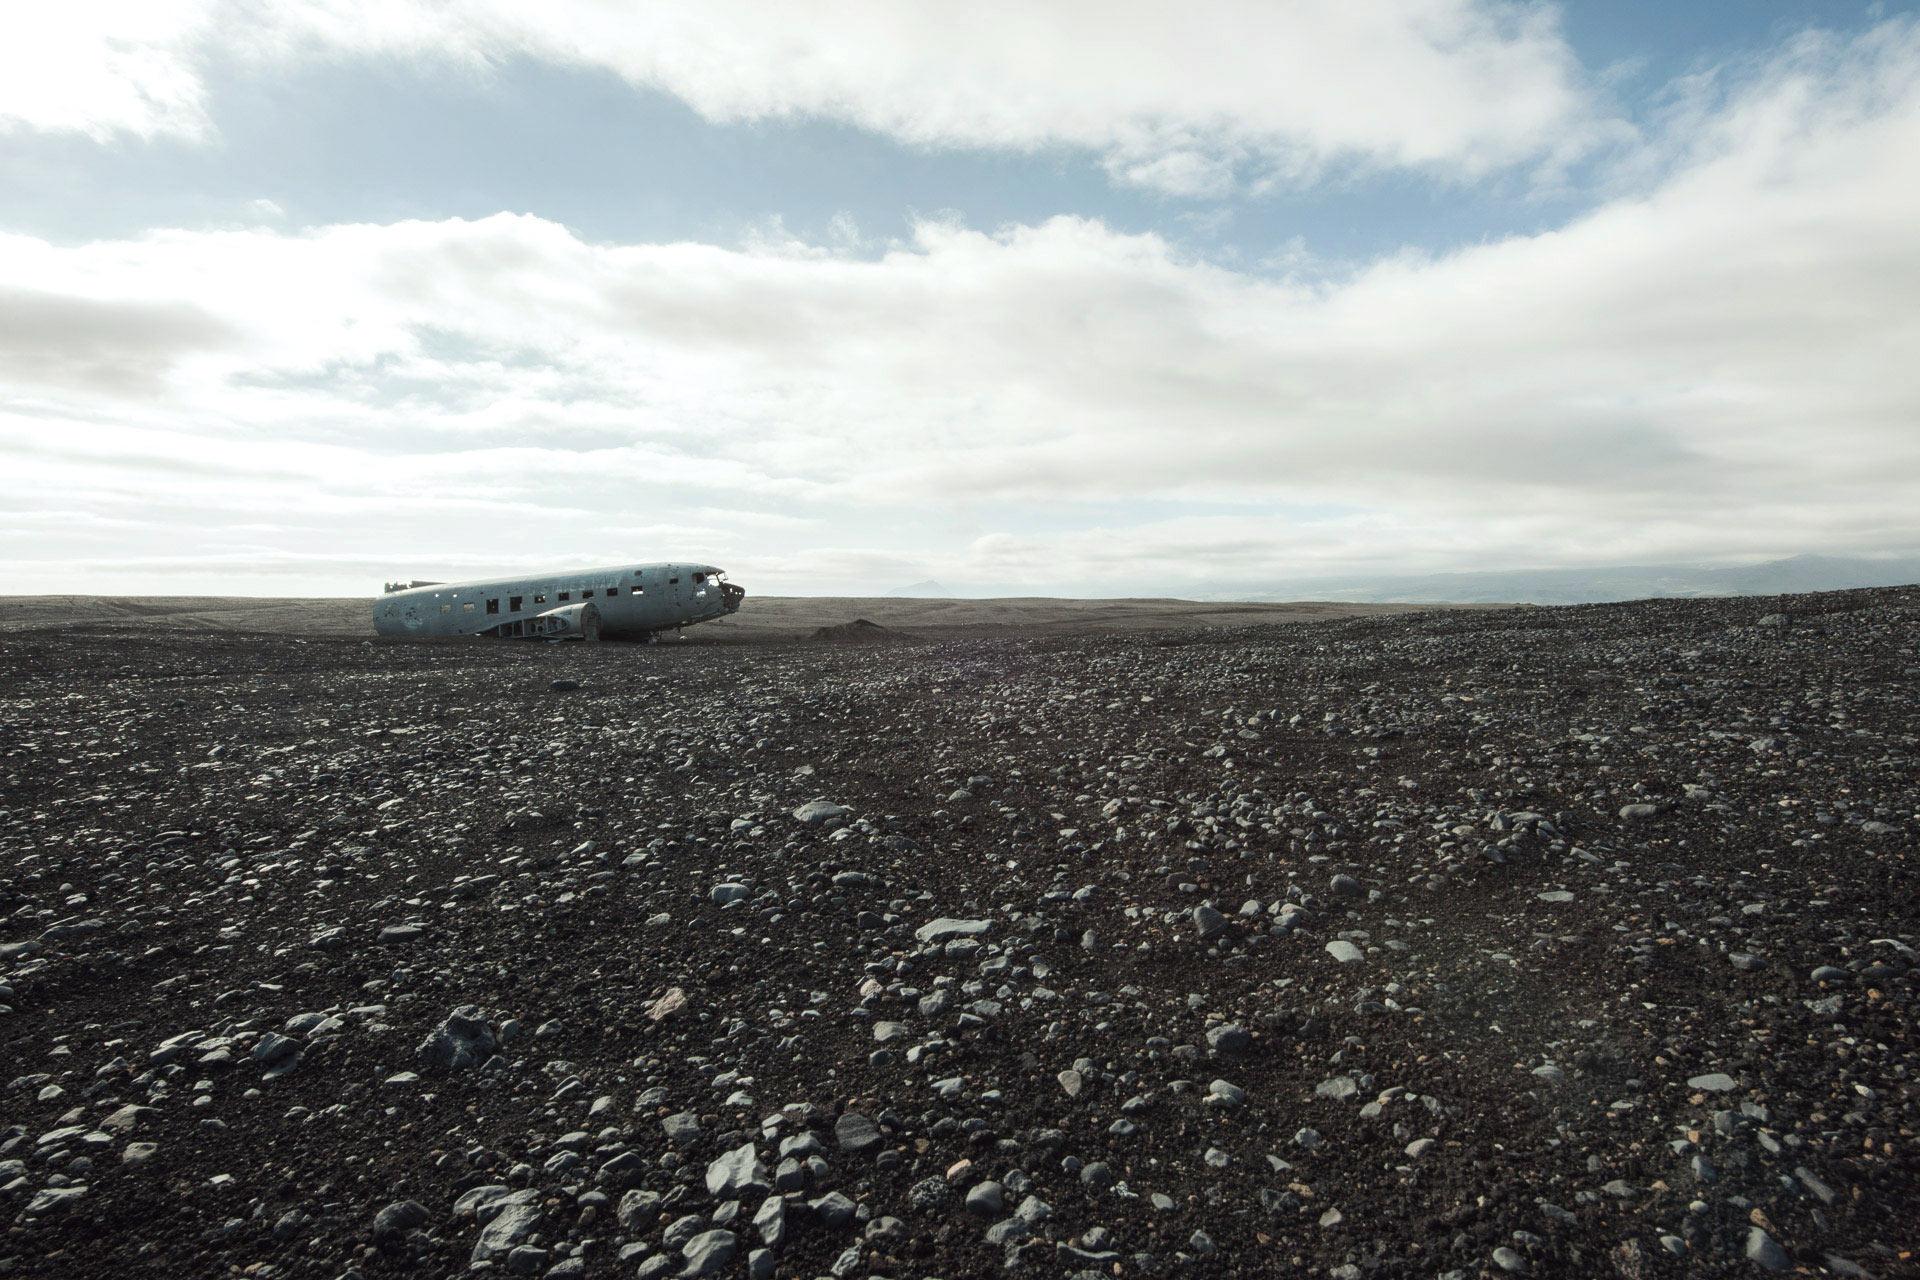 Fotostory von Redeleit und Junker - Flugzeug Wrack in einer Steinwüste in Island